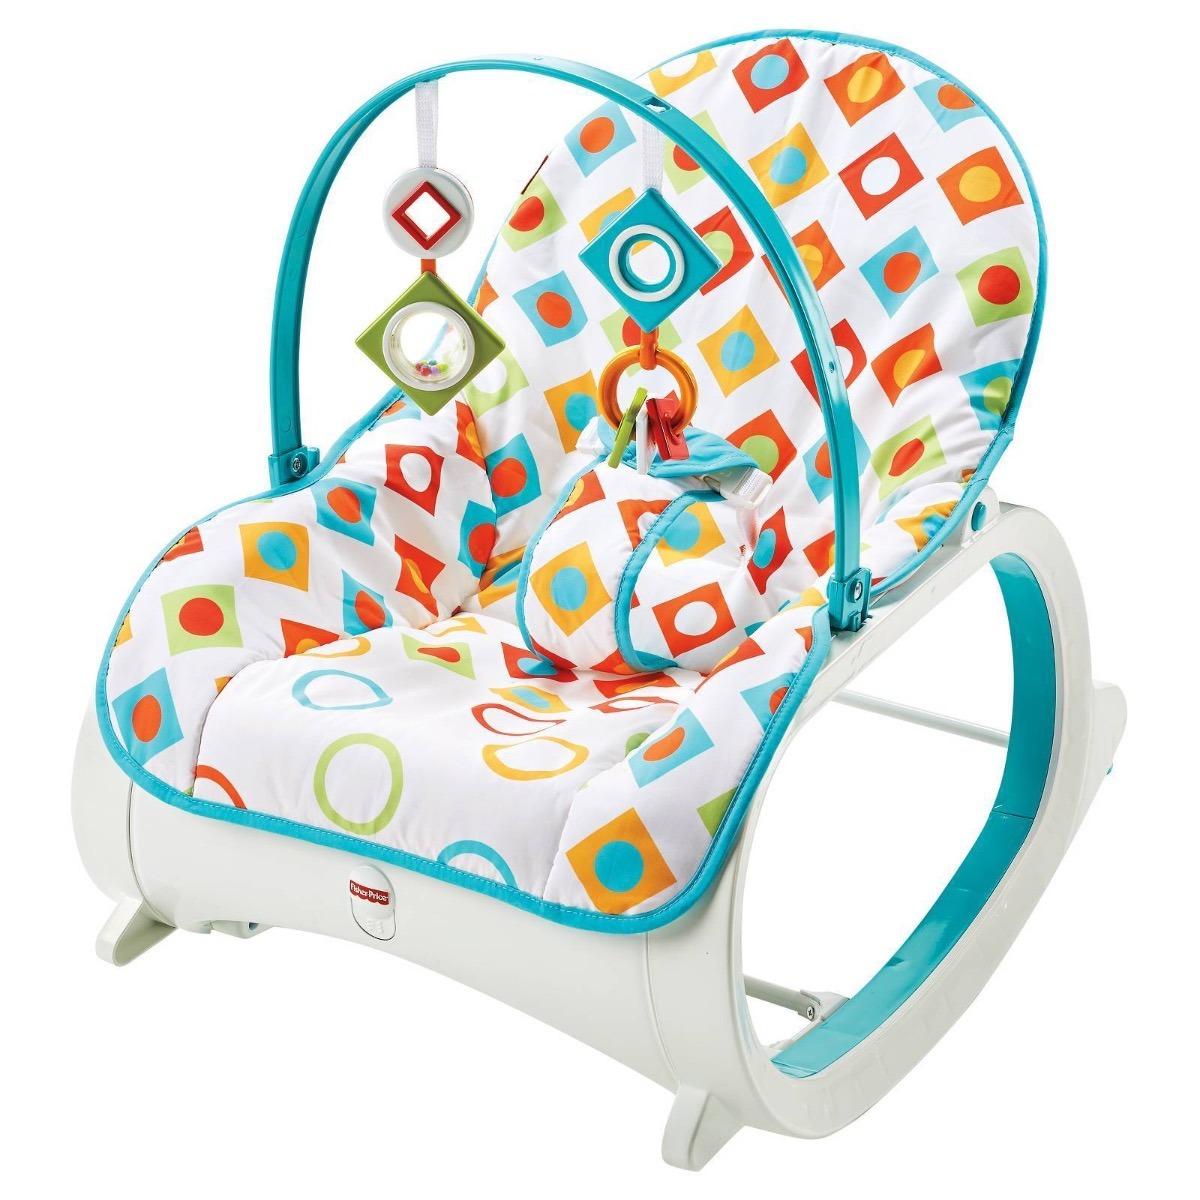 a91809000 silla mecedora bebé recién nacido antireflujo fisher price. 10 Fotos